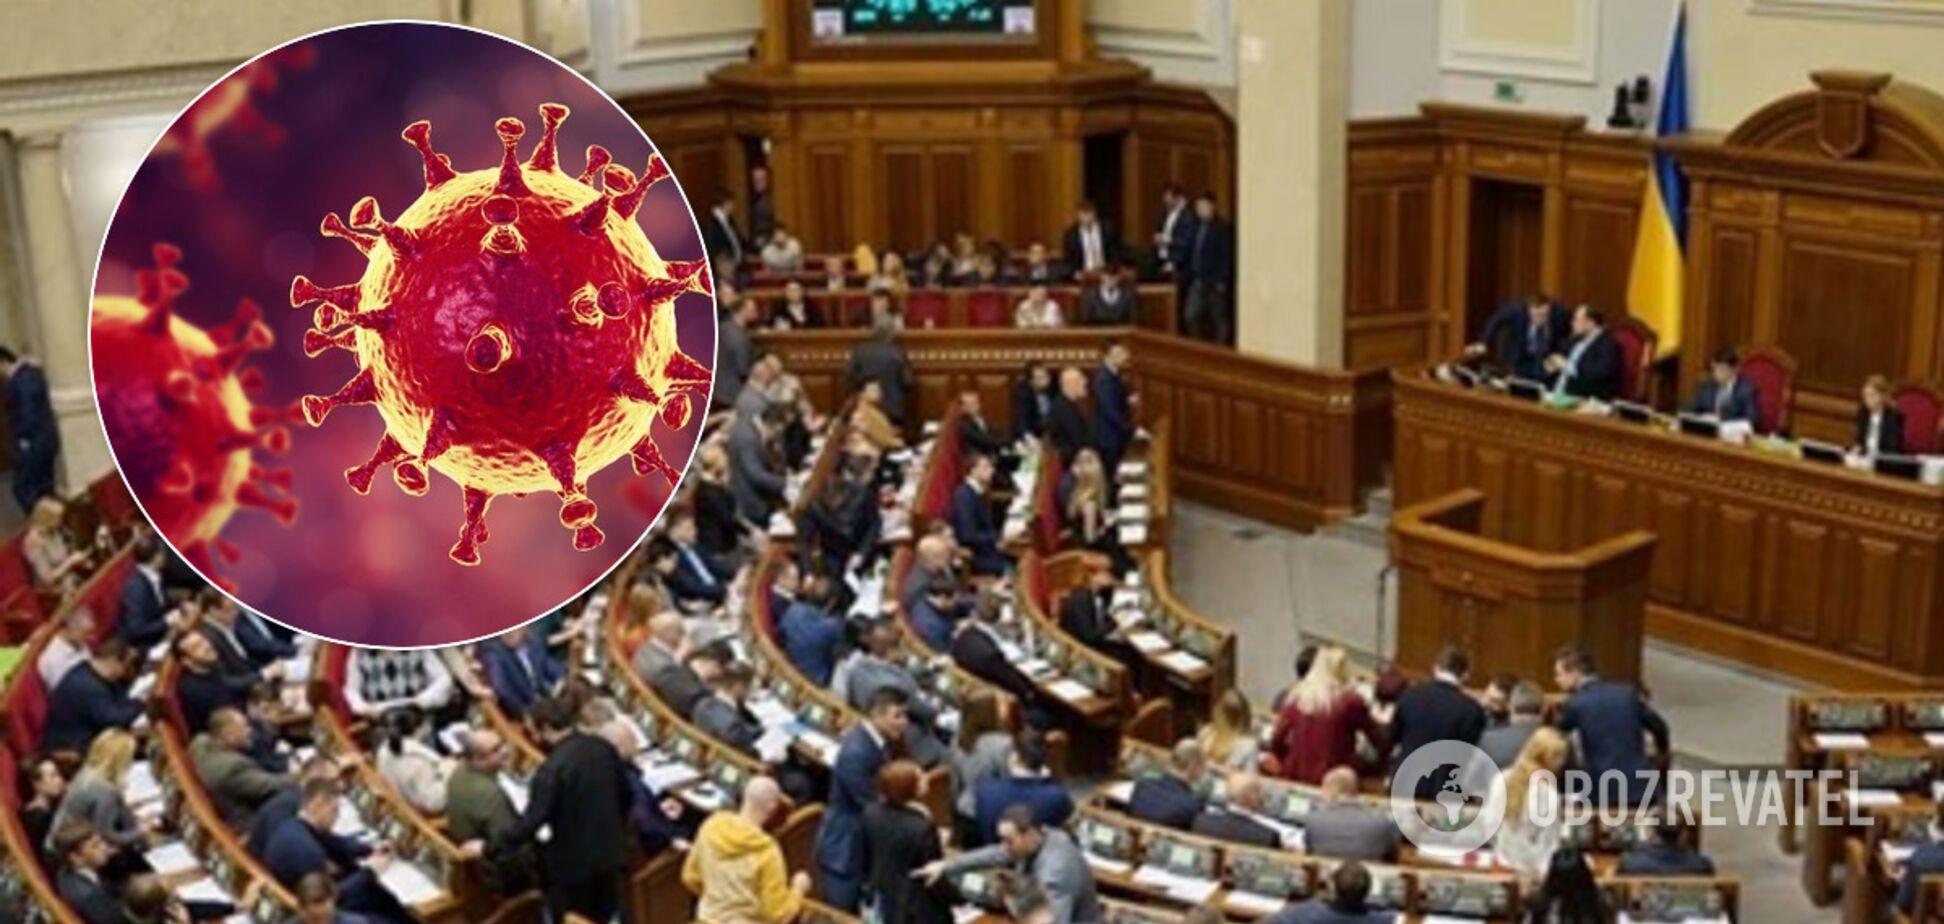 Под прикрытием коронавируса власть хочет принять антиукраинские законы – Княжицкий